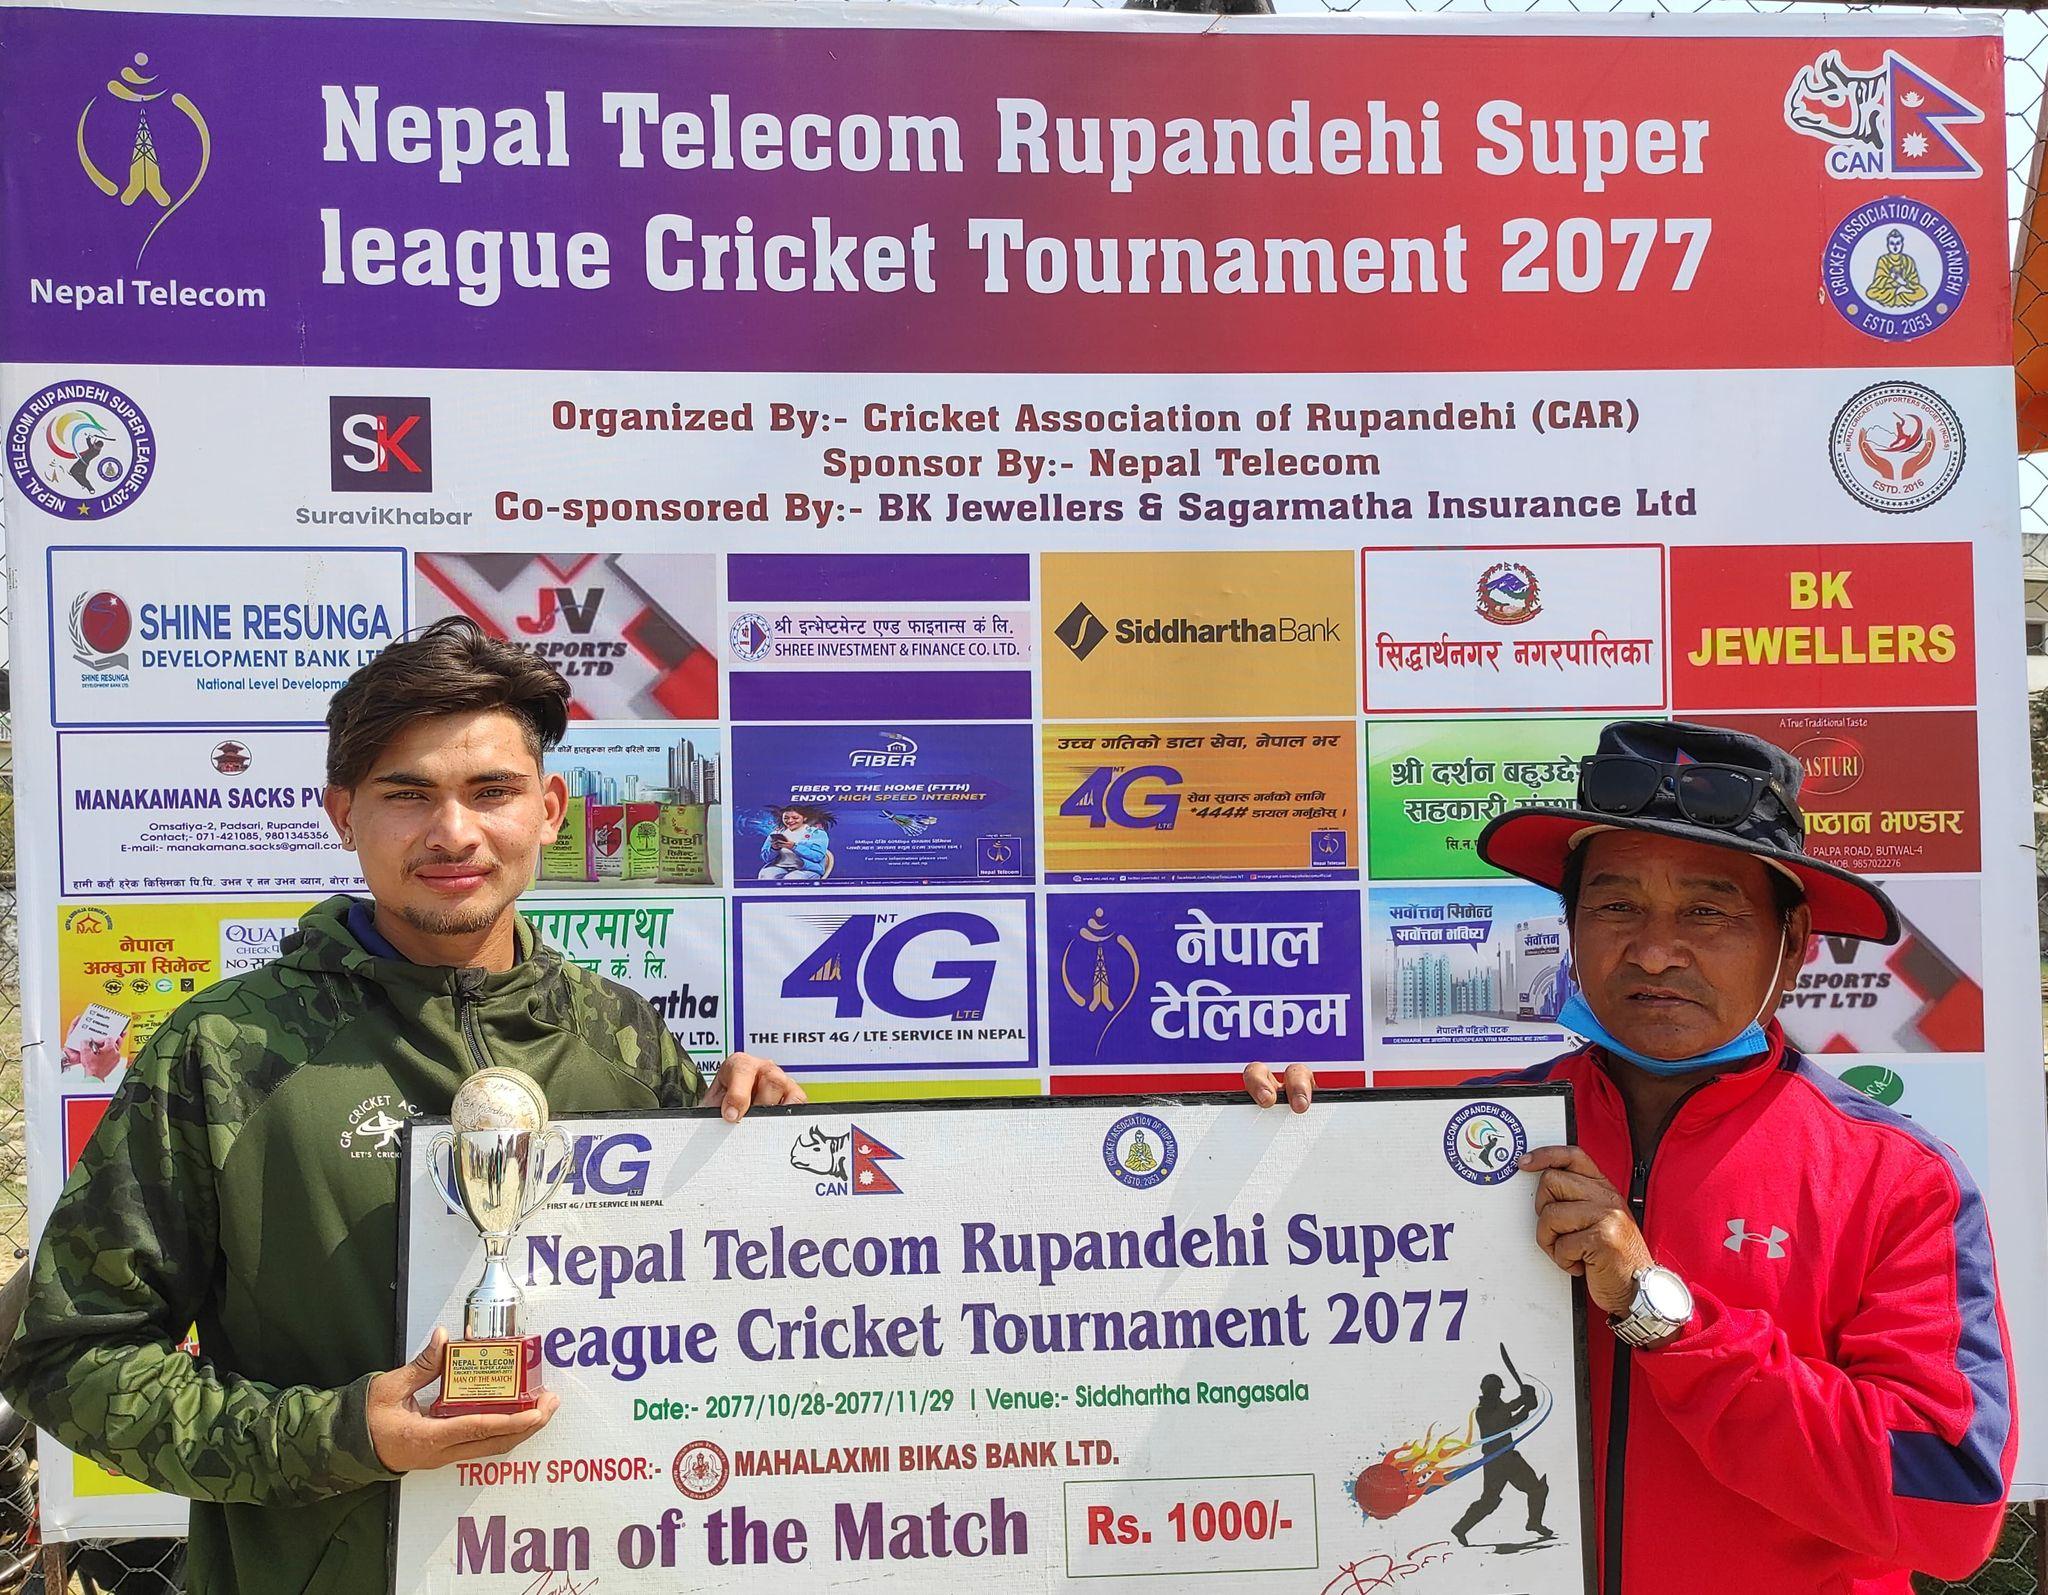 जीआर क्रिकेट क्लबसँग देवदह क्रिकेट युनिट ७ विकेटले पराजित